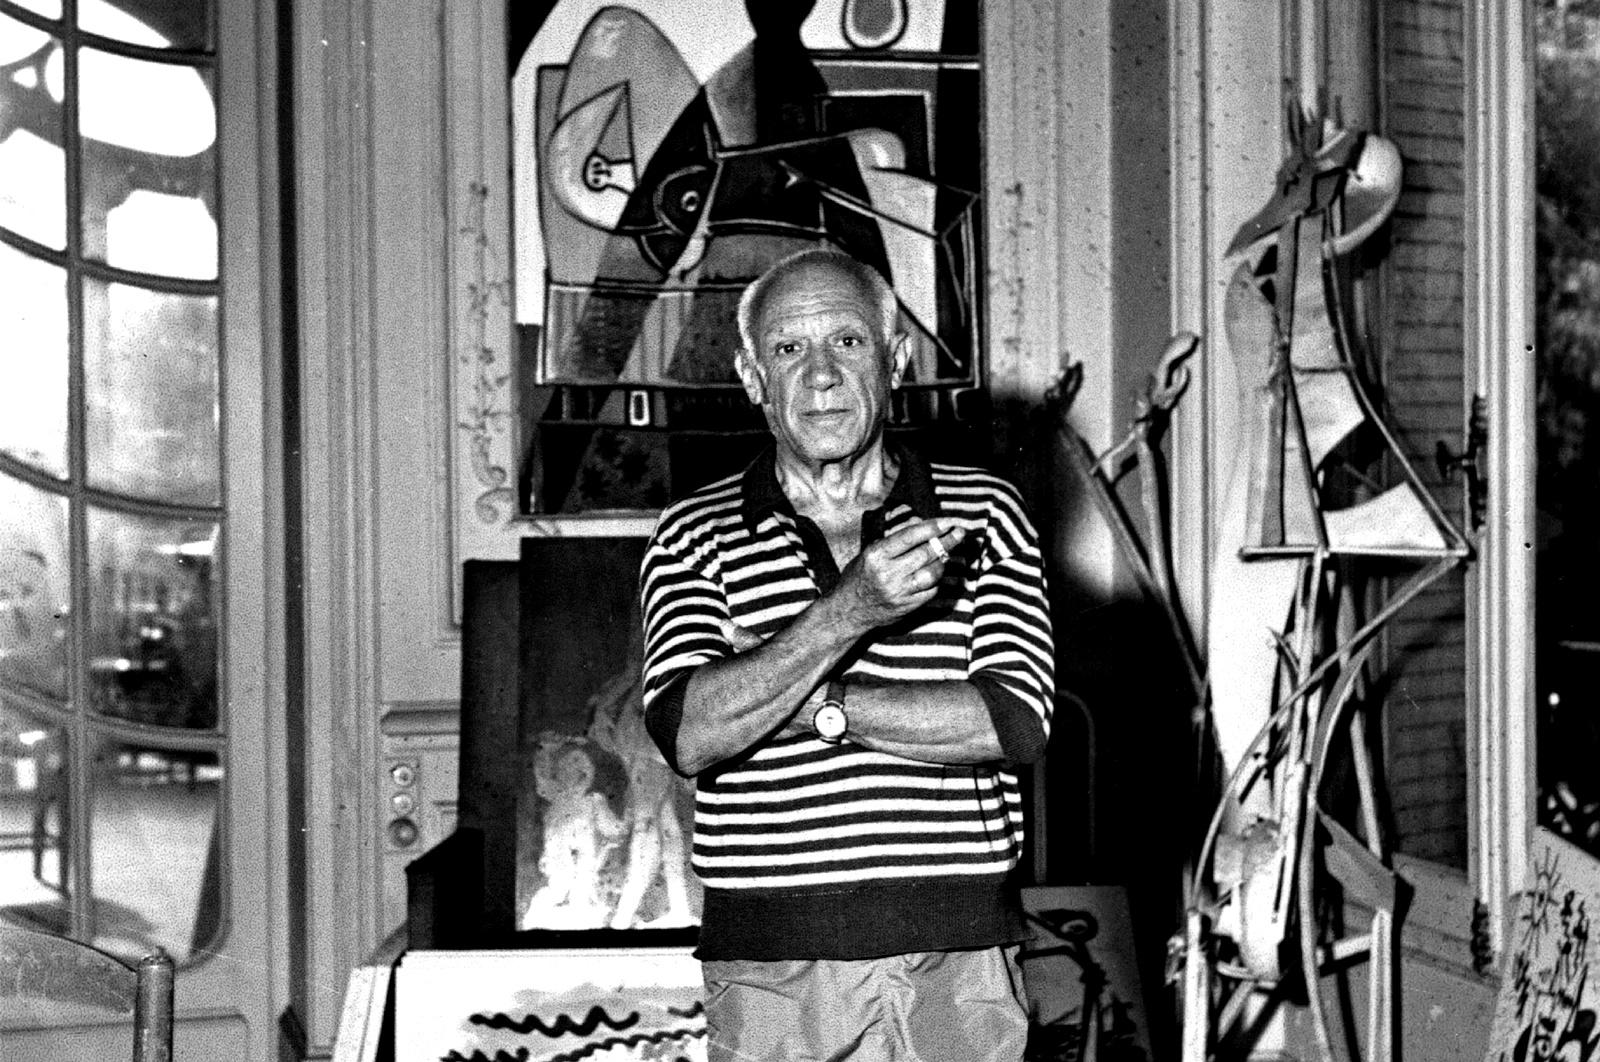 """Картини:<br /> - """"The Pipes of Pan"""" и """"Paulo on a Donkey"""" от Пабло Пикасо<br /> - Портрет на Тристан Цара от Робер Делоне"""